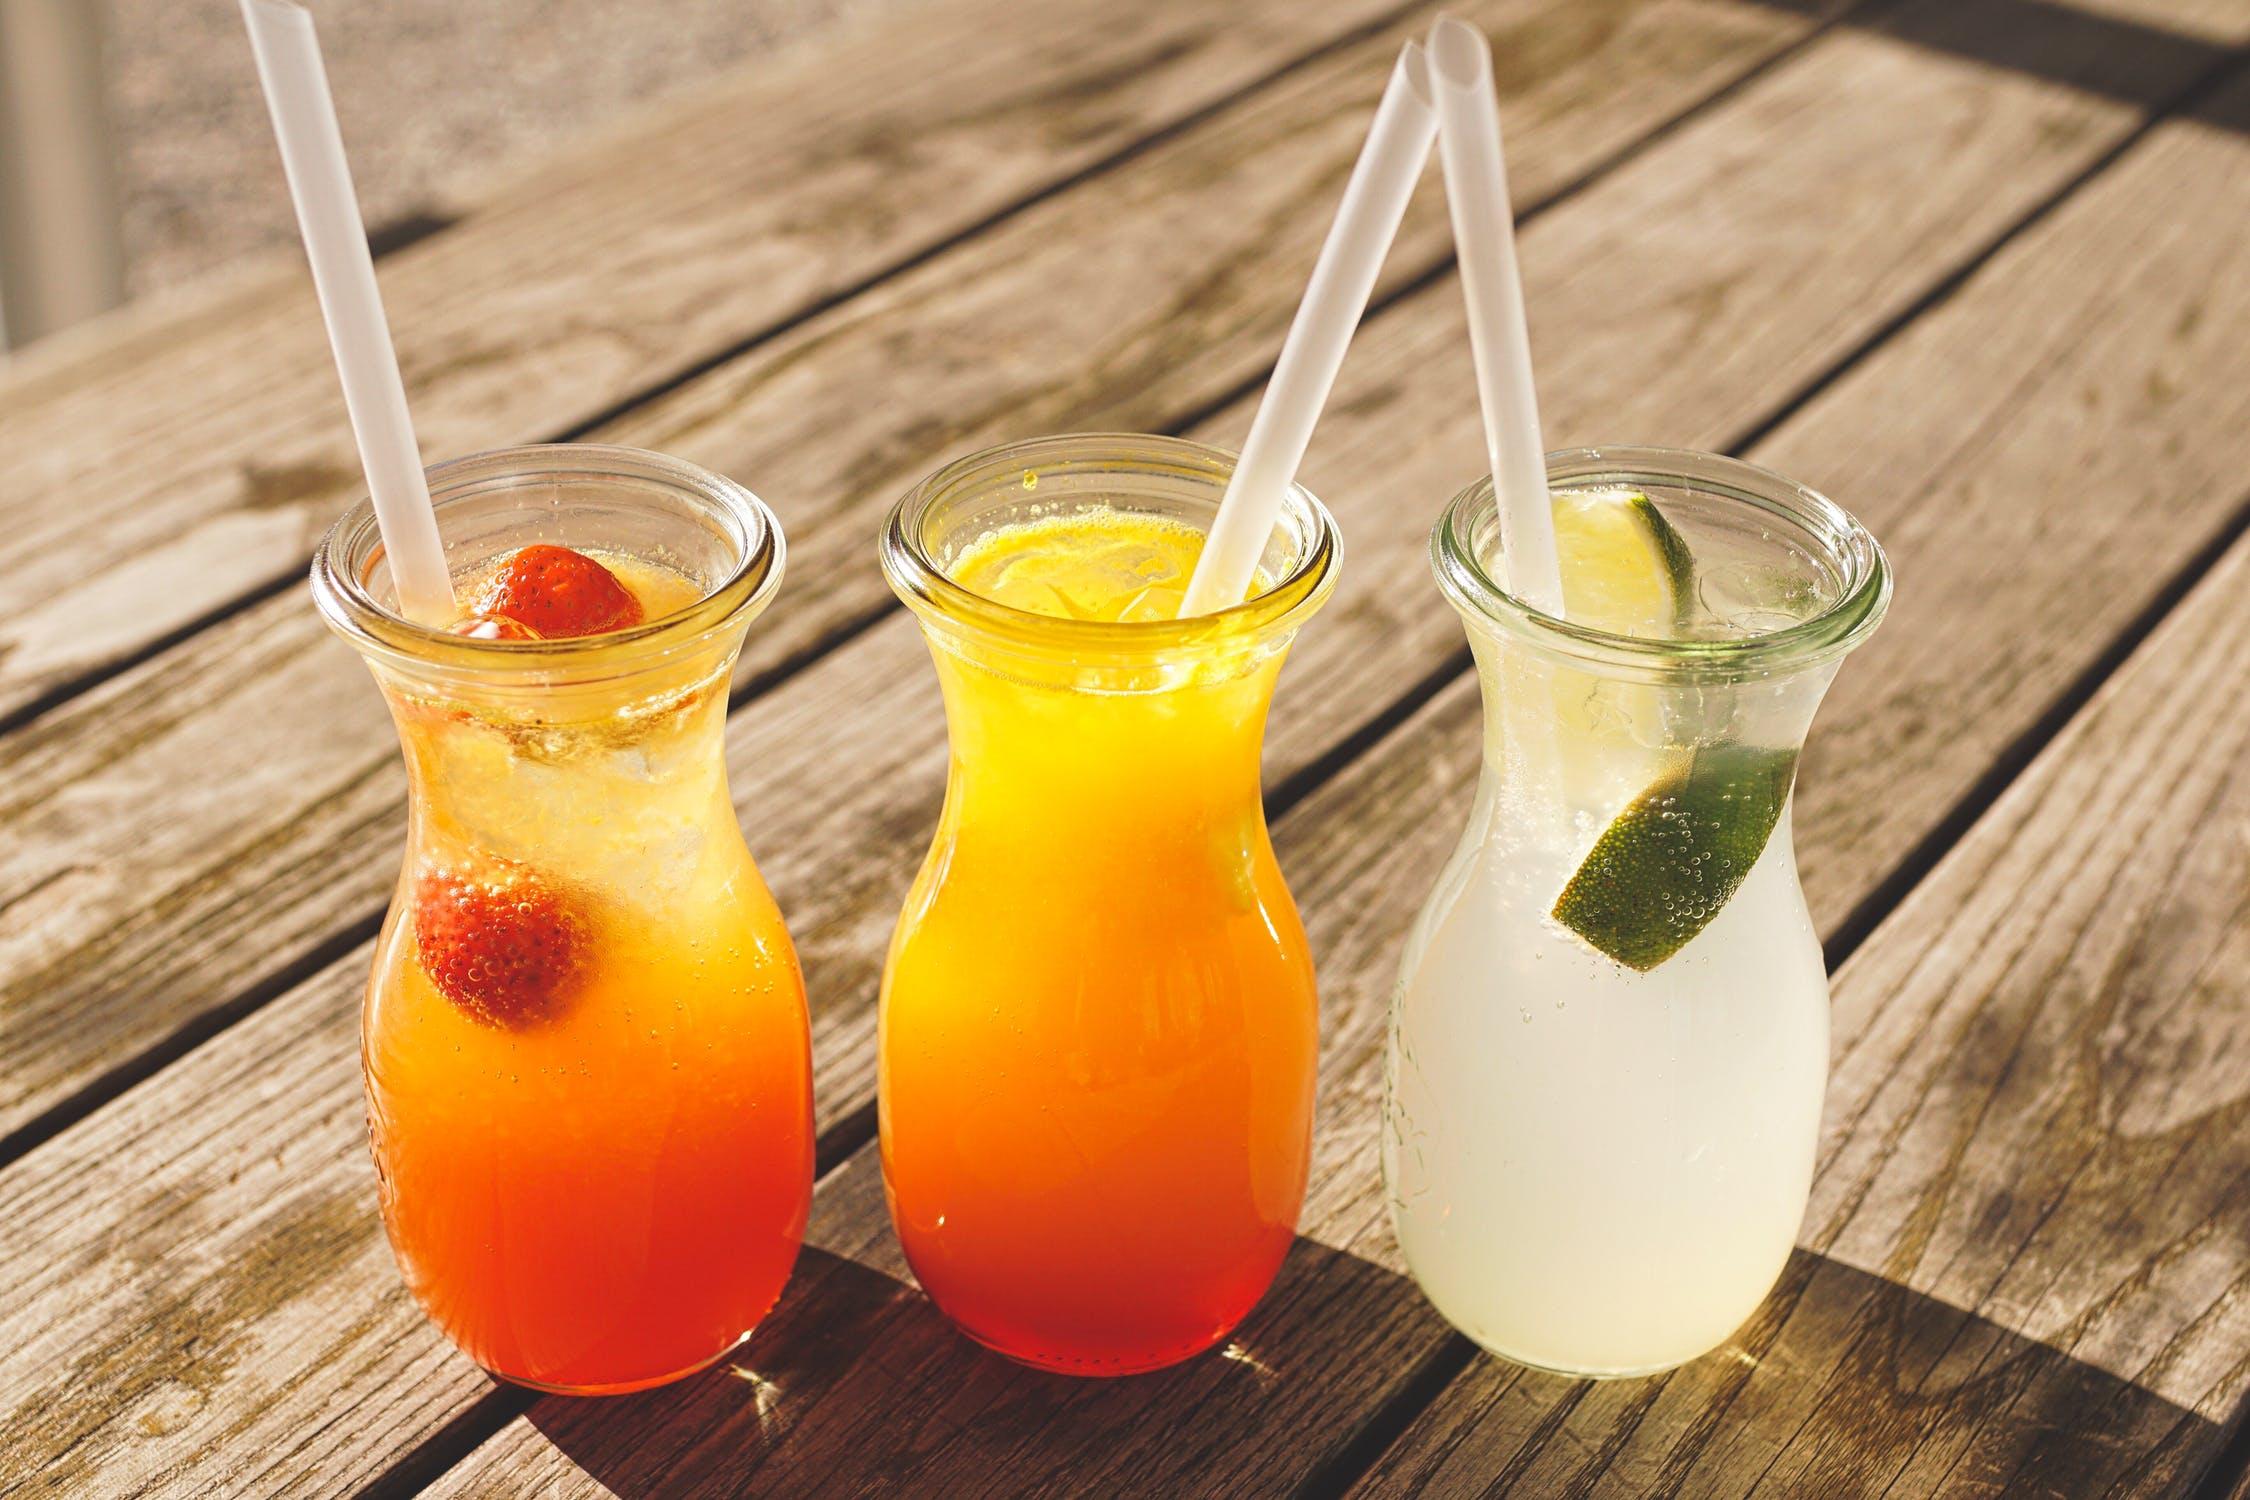 國人洗腎人數持續攀升 聽說是手搖飲料有大量香料所造成是真的嗎?